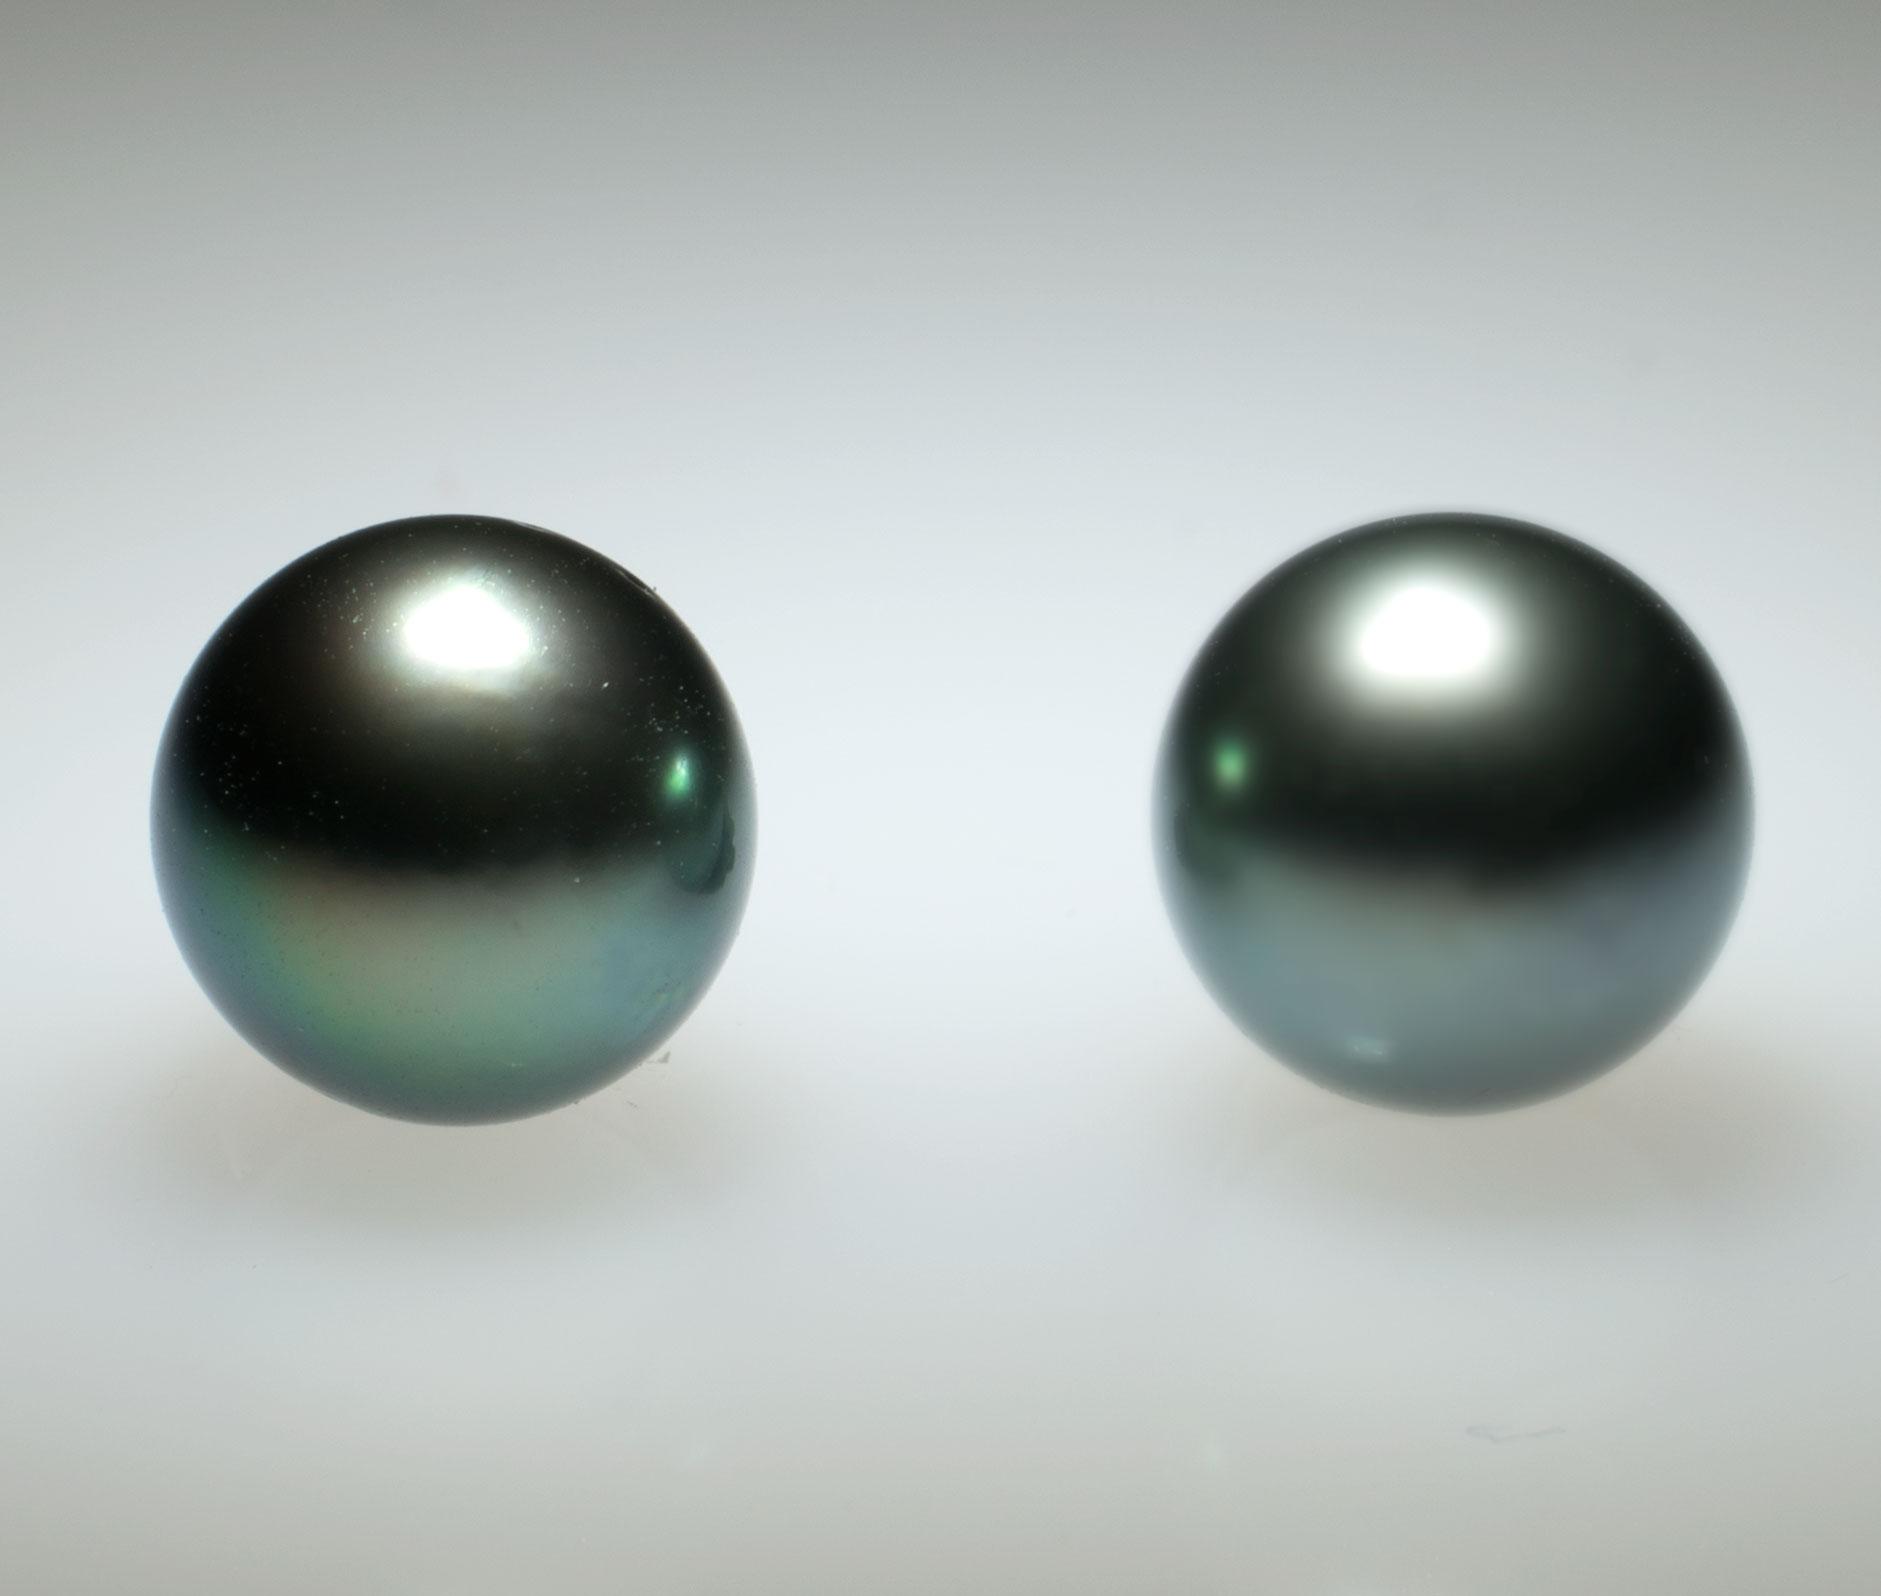 Links sehen sie eine qualitativ hochstehende Perle. Rechts sehen Sie eine Perle minderer Qualtät.